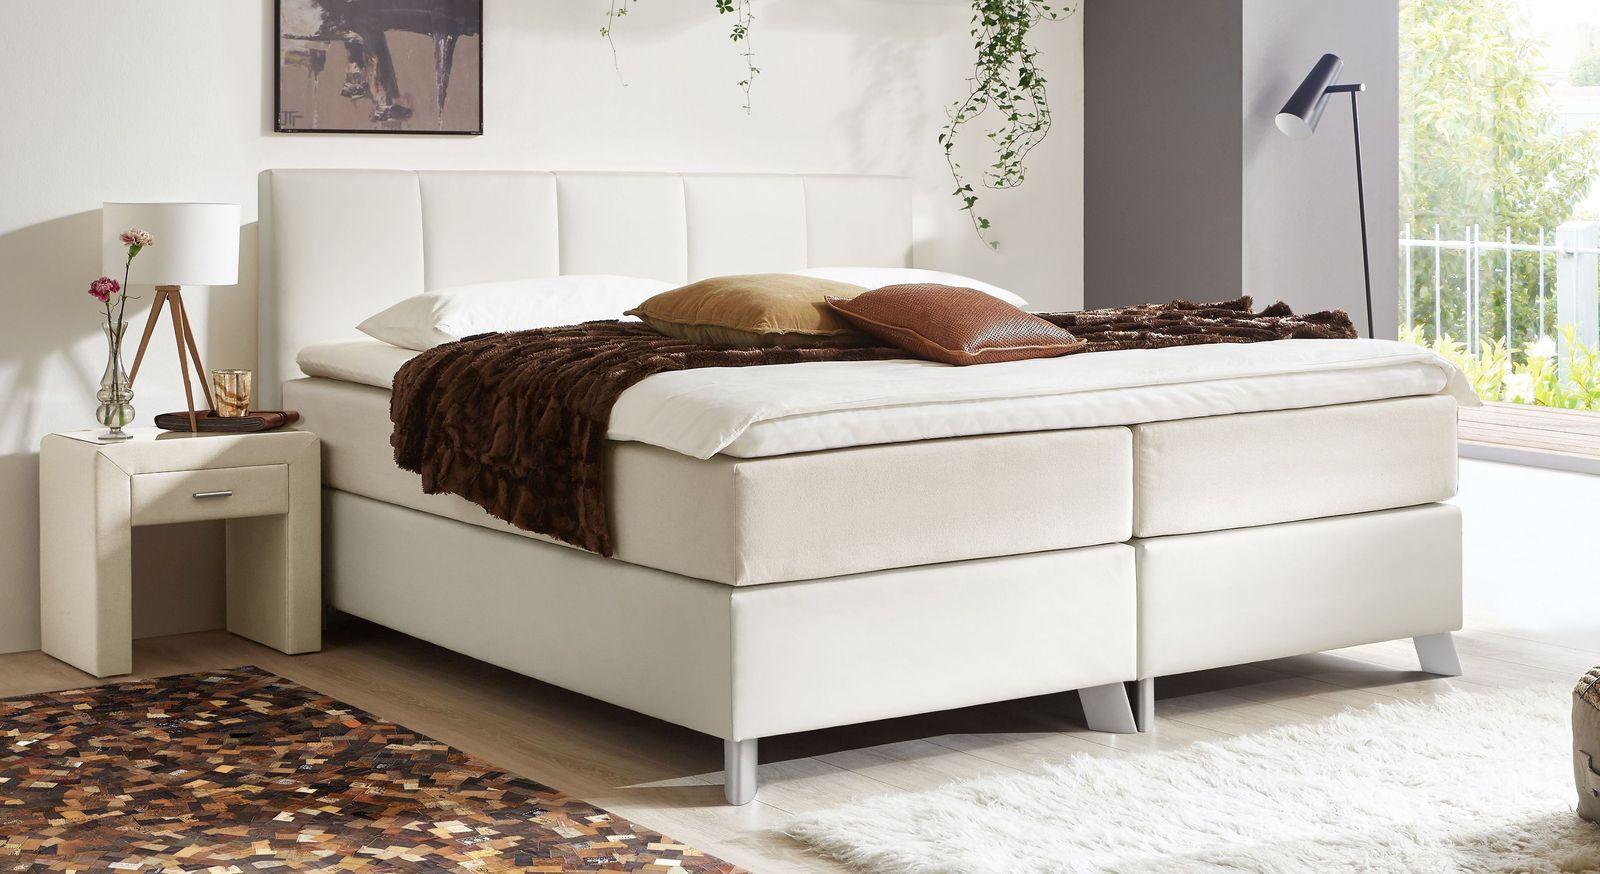 66 cm hohes Boxspringbett Oceanside aus weißem Kunstleder und cremefarbenem Webstoff